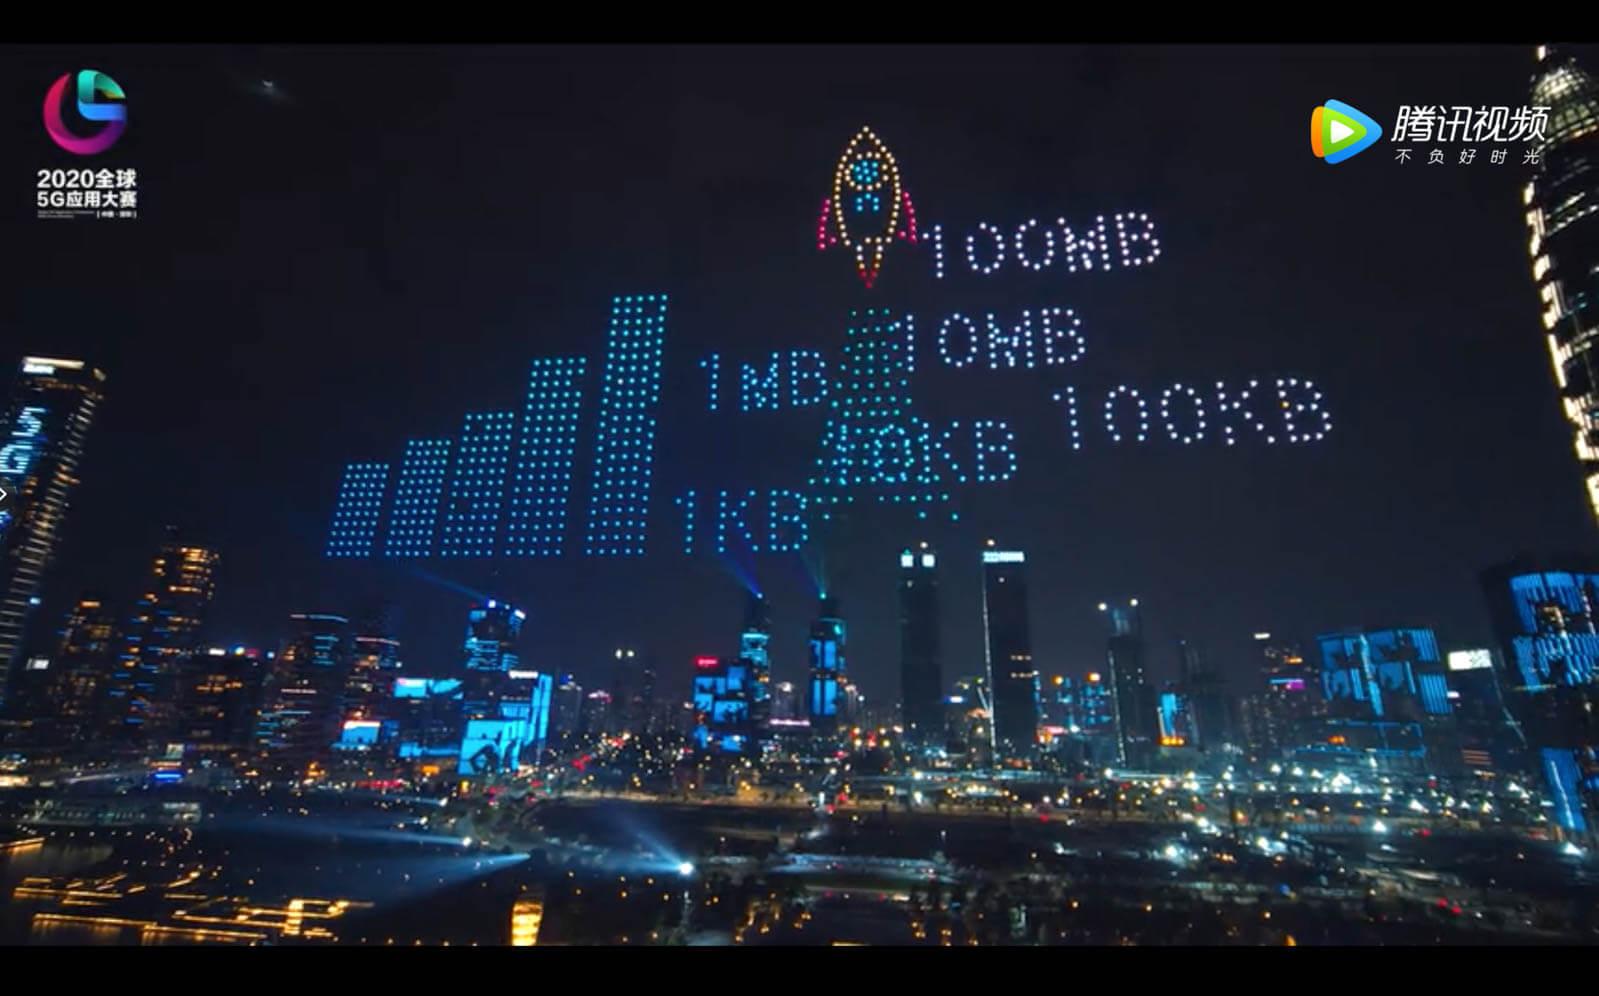 【深セン人才公園】1000機のドローンで「グローバル5Gアプリケーションコンペティション」告知ショー(12/20)